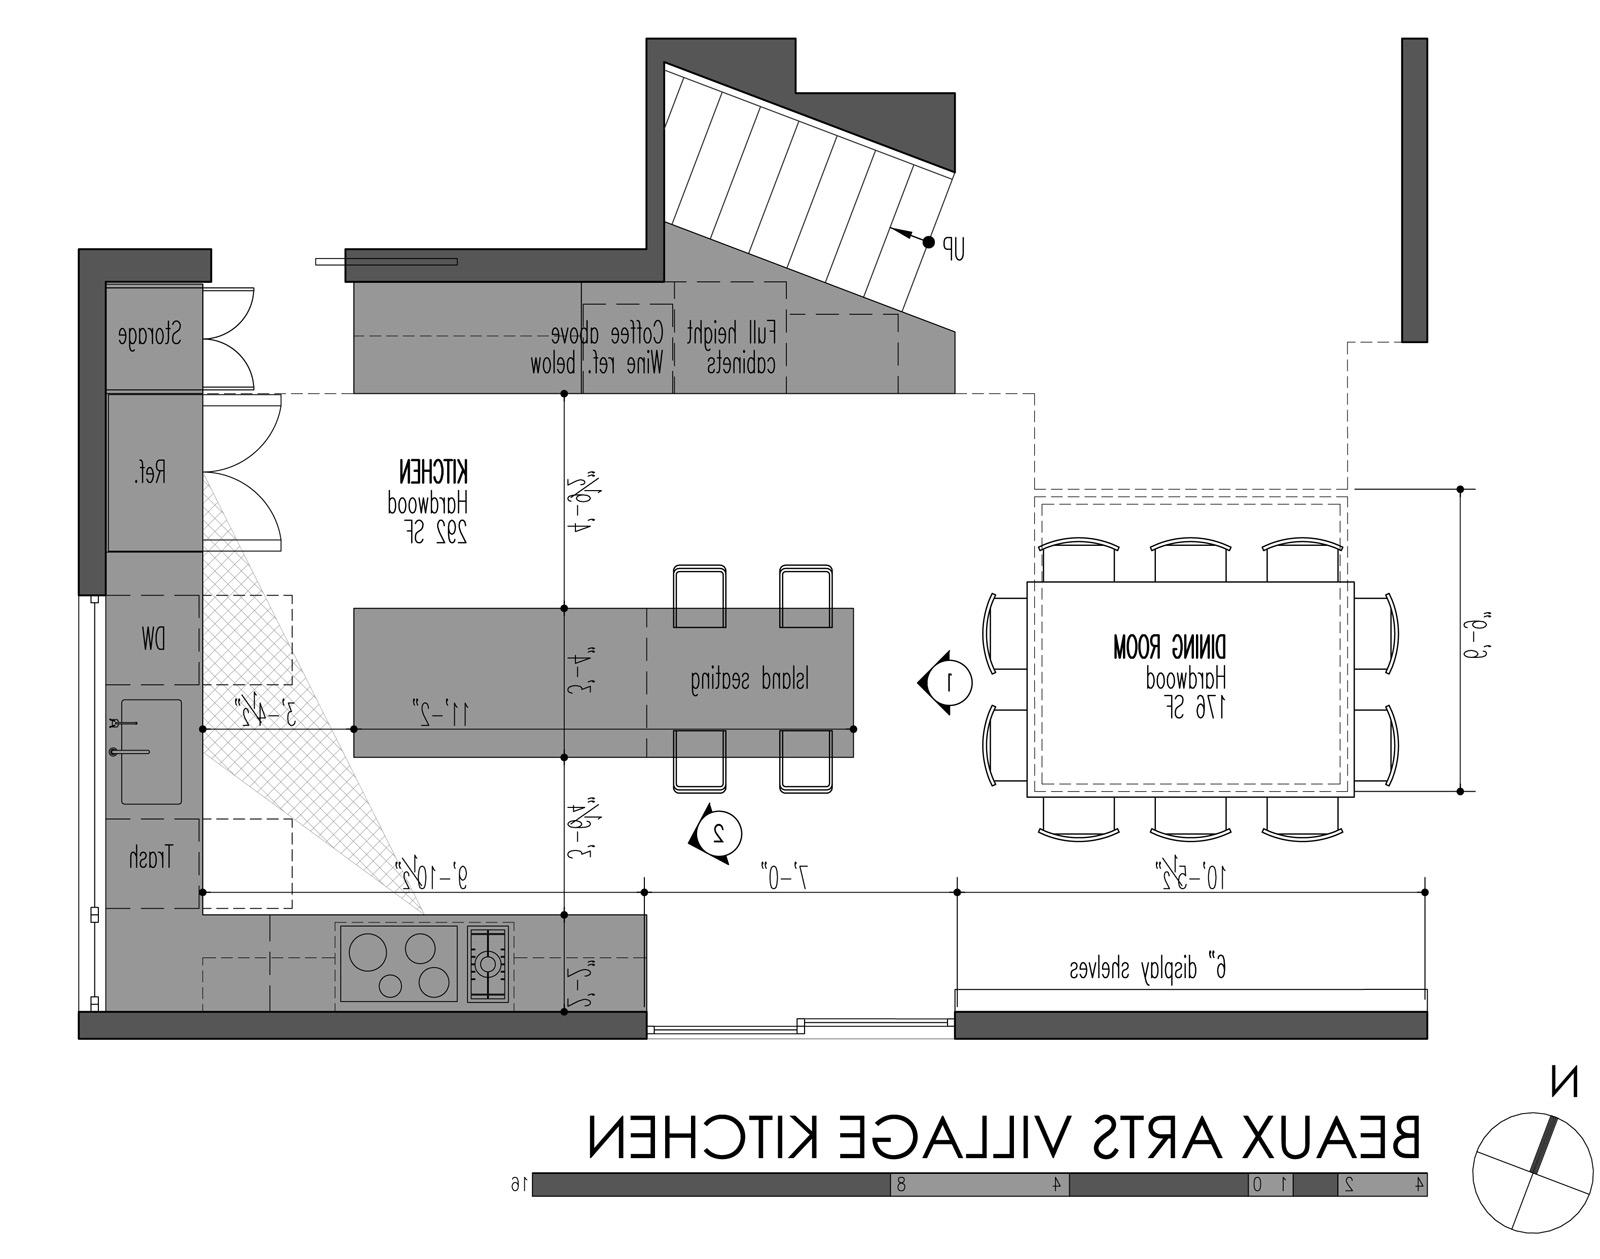 kitchen-arts-archicad-cad-autocad-drawing-plan-portfolio-blueprint-inspiration-design-ideas-village-kitchen-plan-the-philosophy-of-online-kitchen-layout